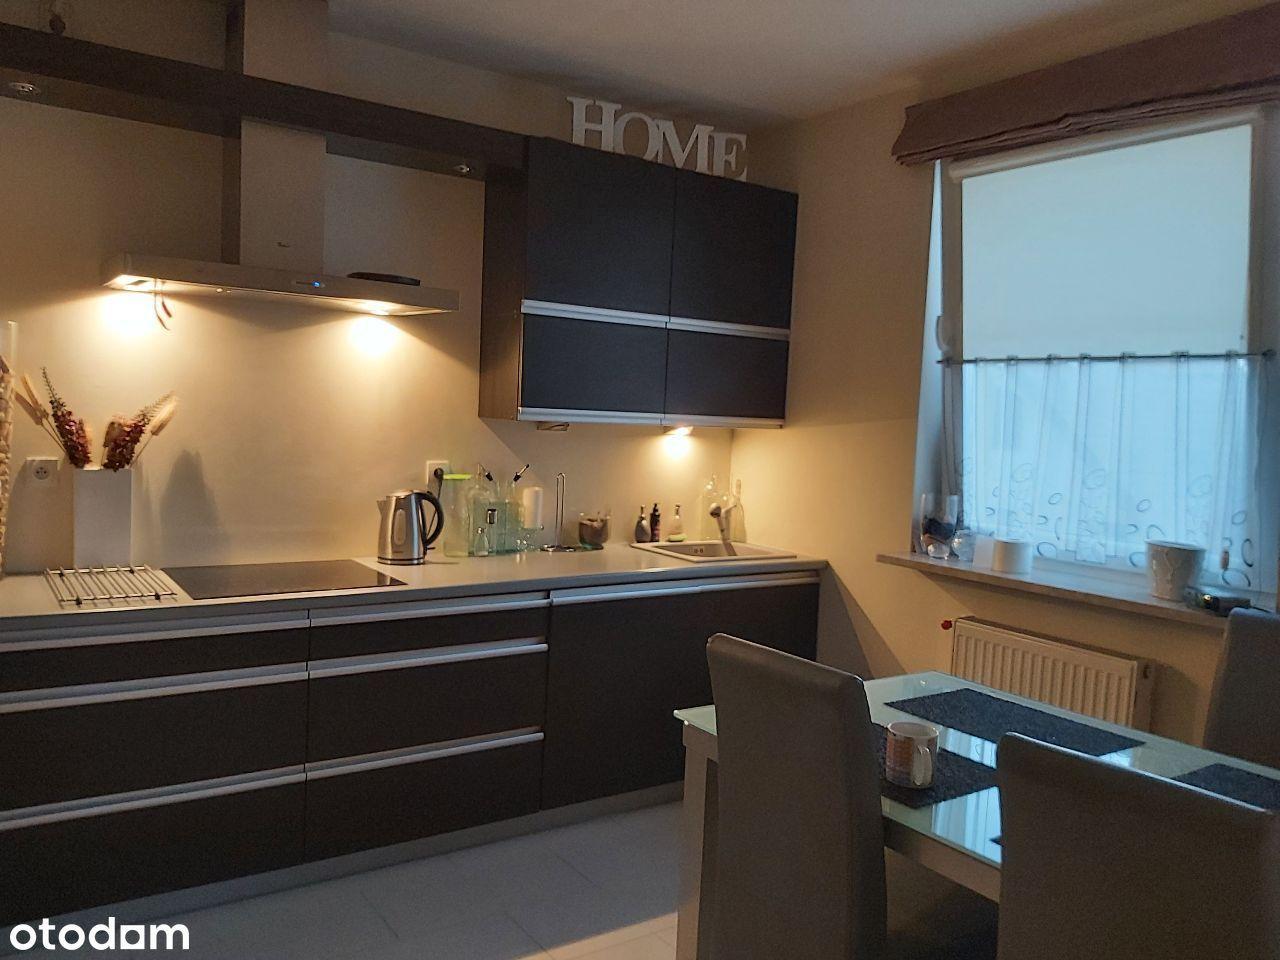 Mieszkanie bezczynszowe, 62 m2, 2 miejsca garażowe